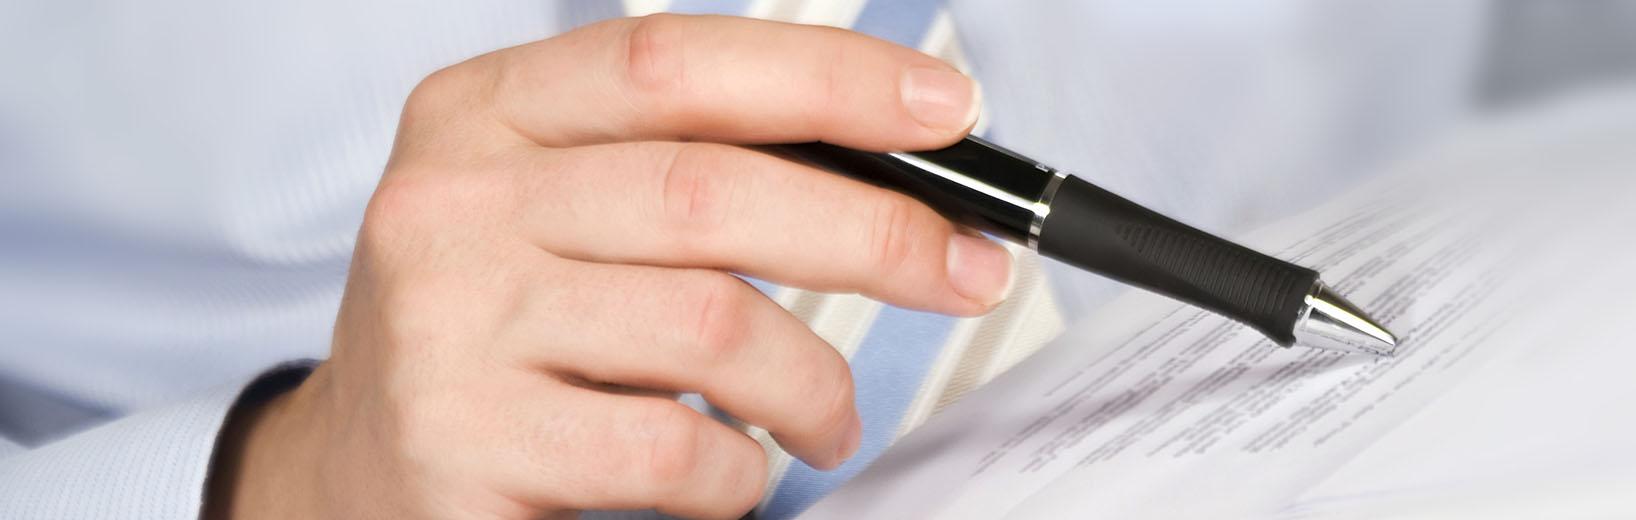 Arbeitsvertrag So Gestalten Sie Ihre Vertragsklauseln Richtig